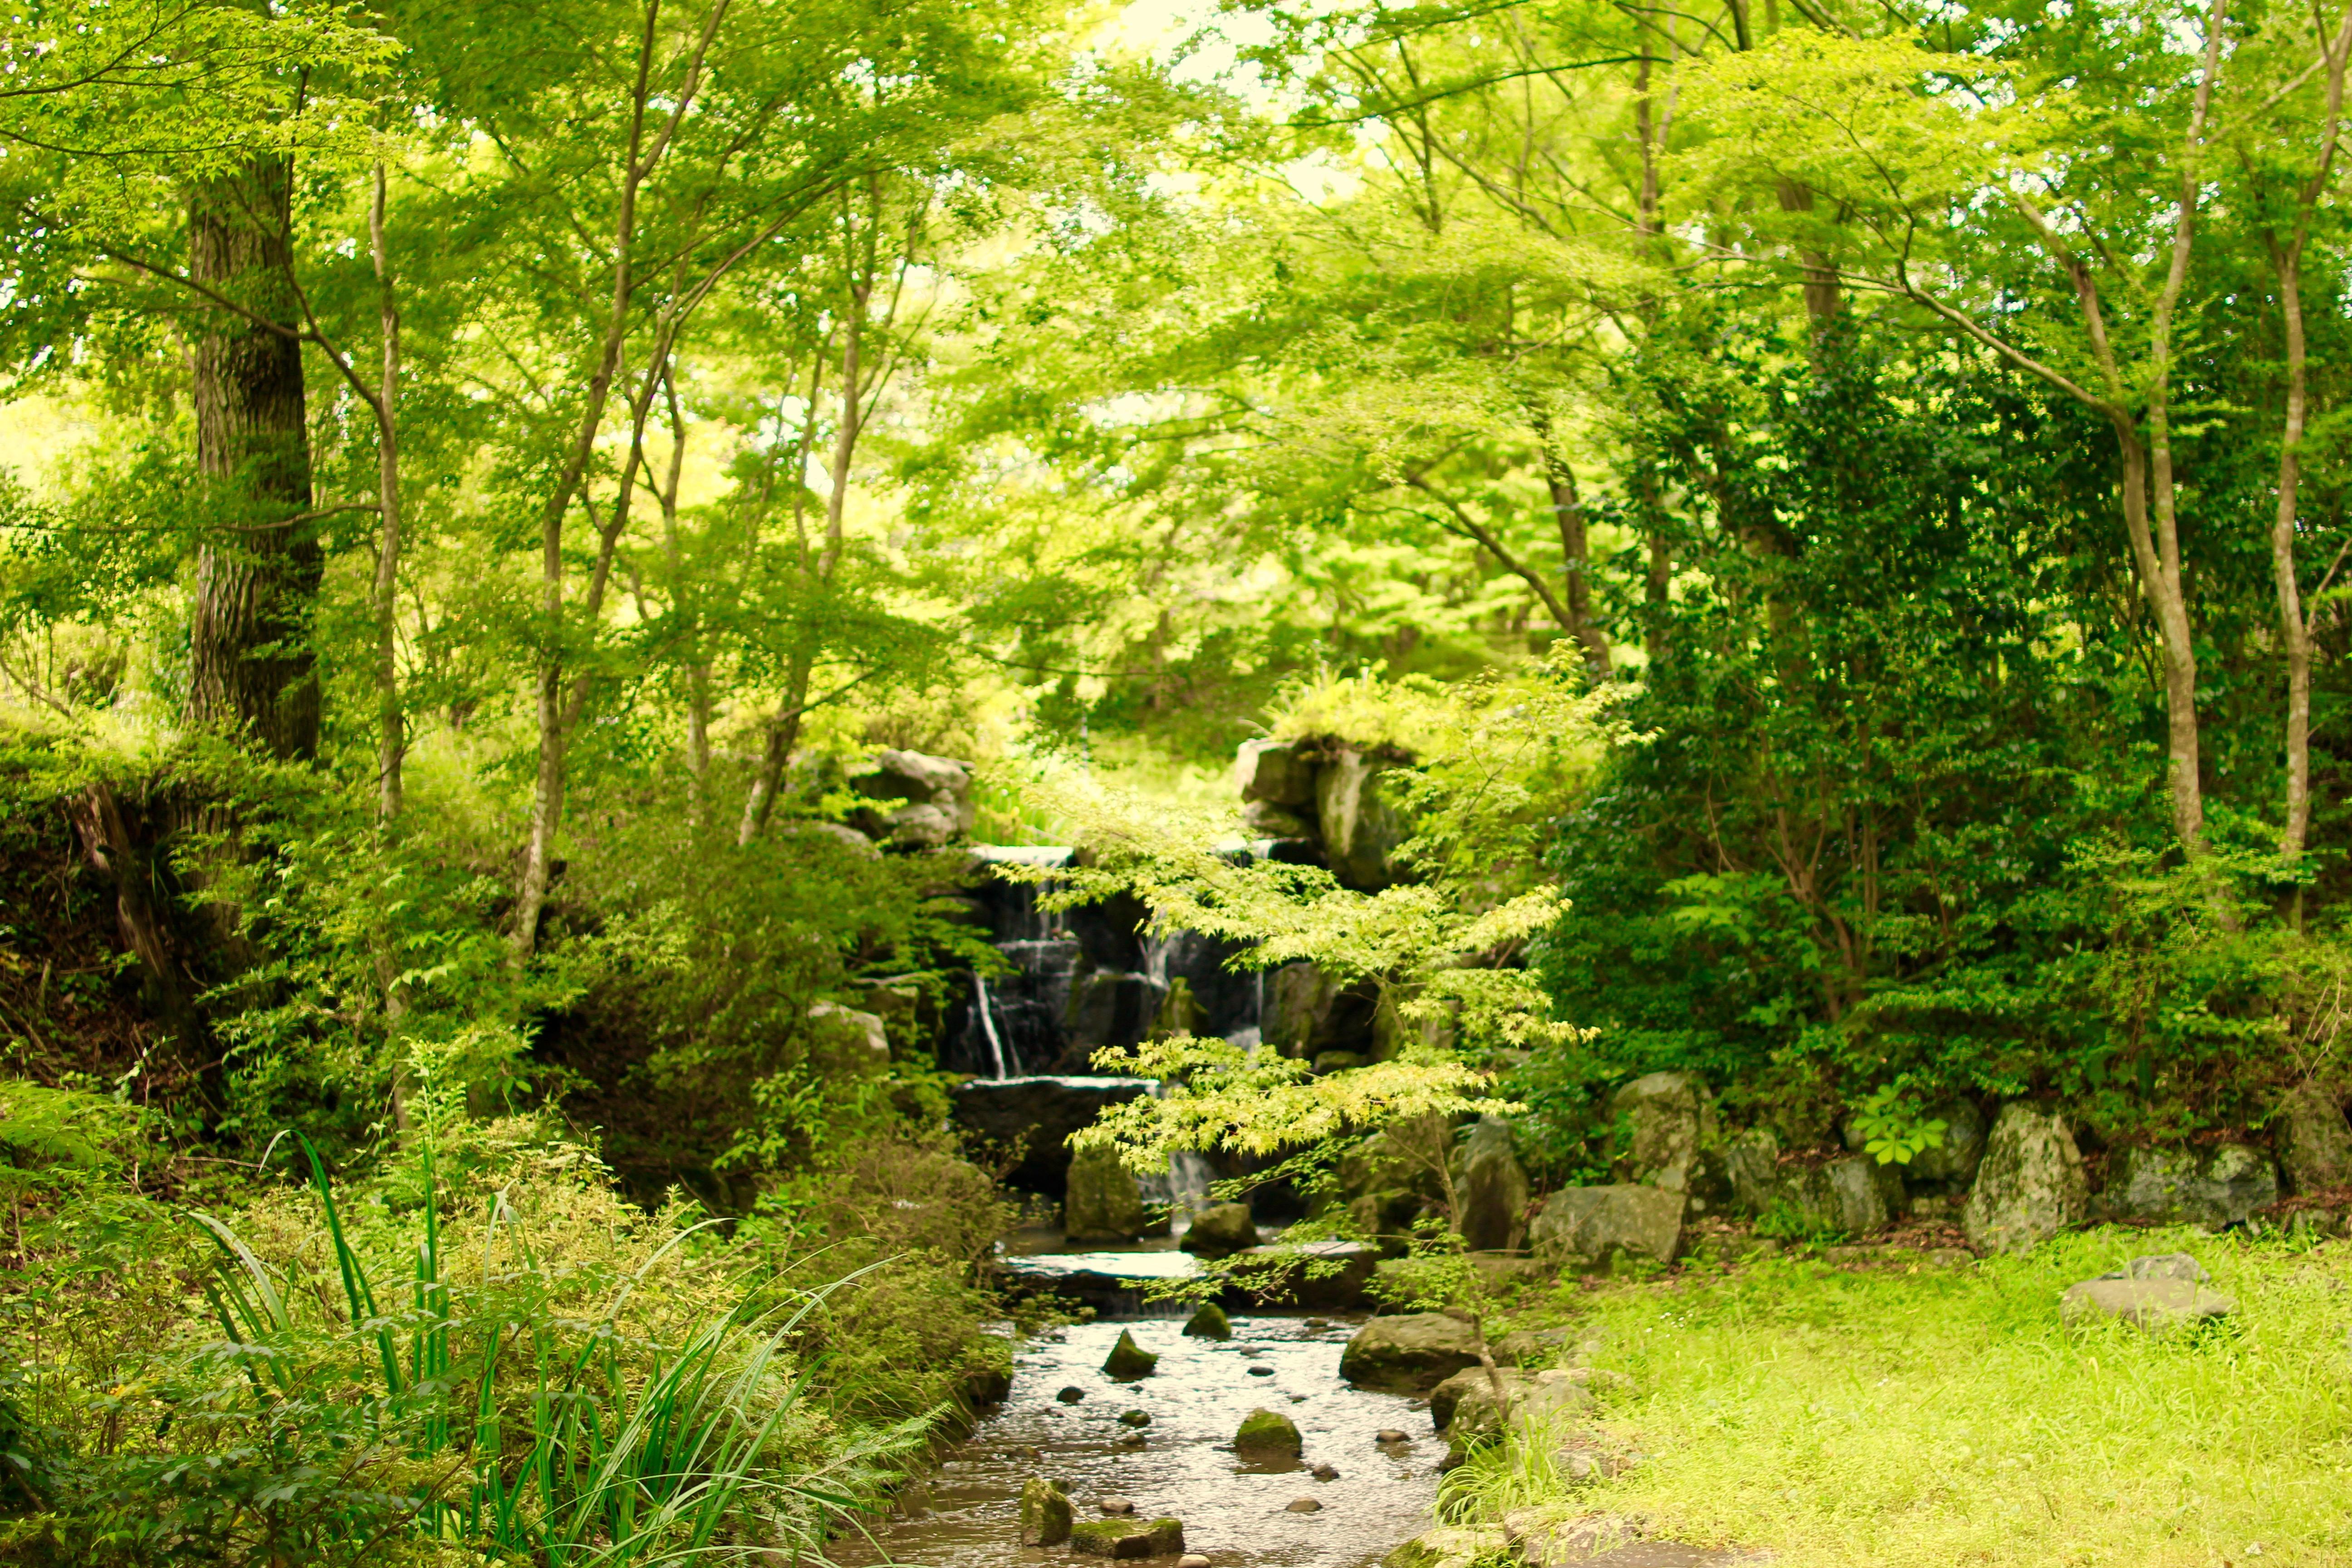 Resort's waterfall